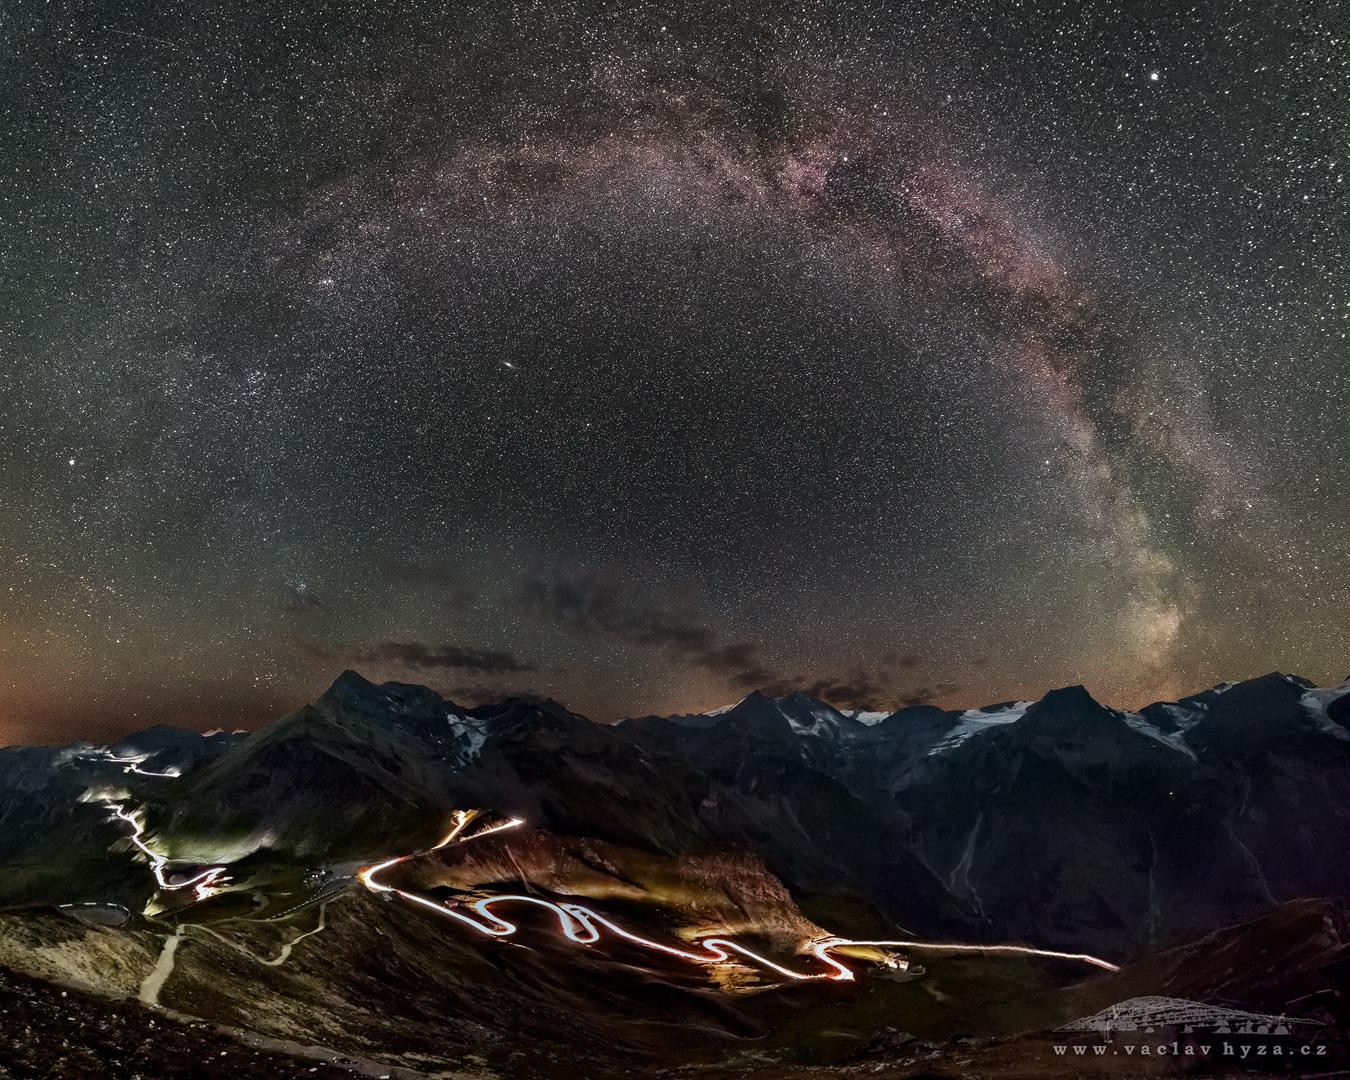 Fotografie, která se umístila mezi 50 semifinálovými snímky Nikon kalendáře 2018 | Cesta života (Rakouské Alpy) | Foto Václav Hýža | Panorama z 33 snímků. Krajina: 7 snímků + 1 DF, ISO 6 400, F2,8, 158 s. Hvězdy: 22 snímků + 3× DF, ISO 12 800, F2,8, 28 s